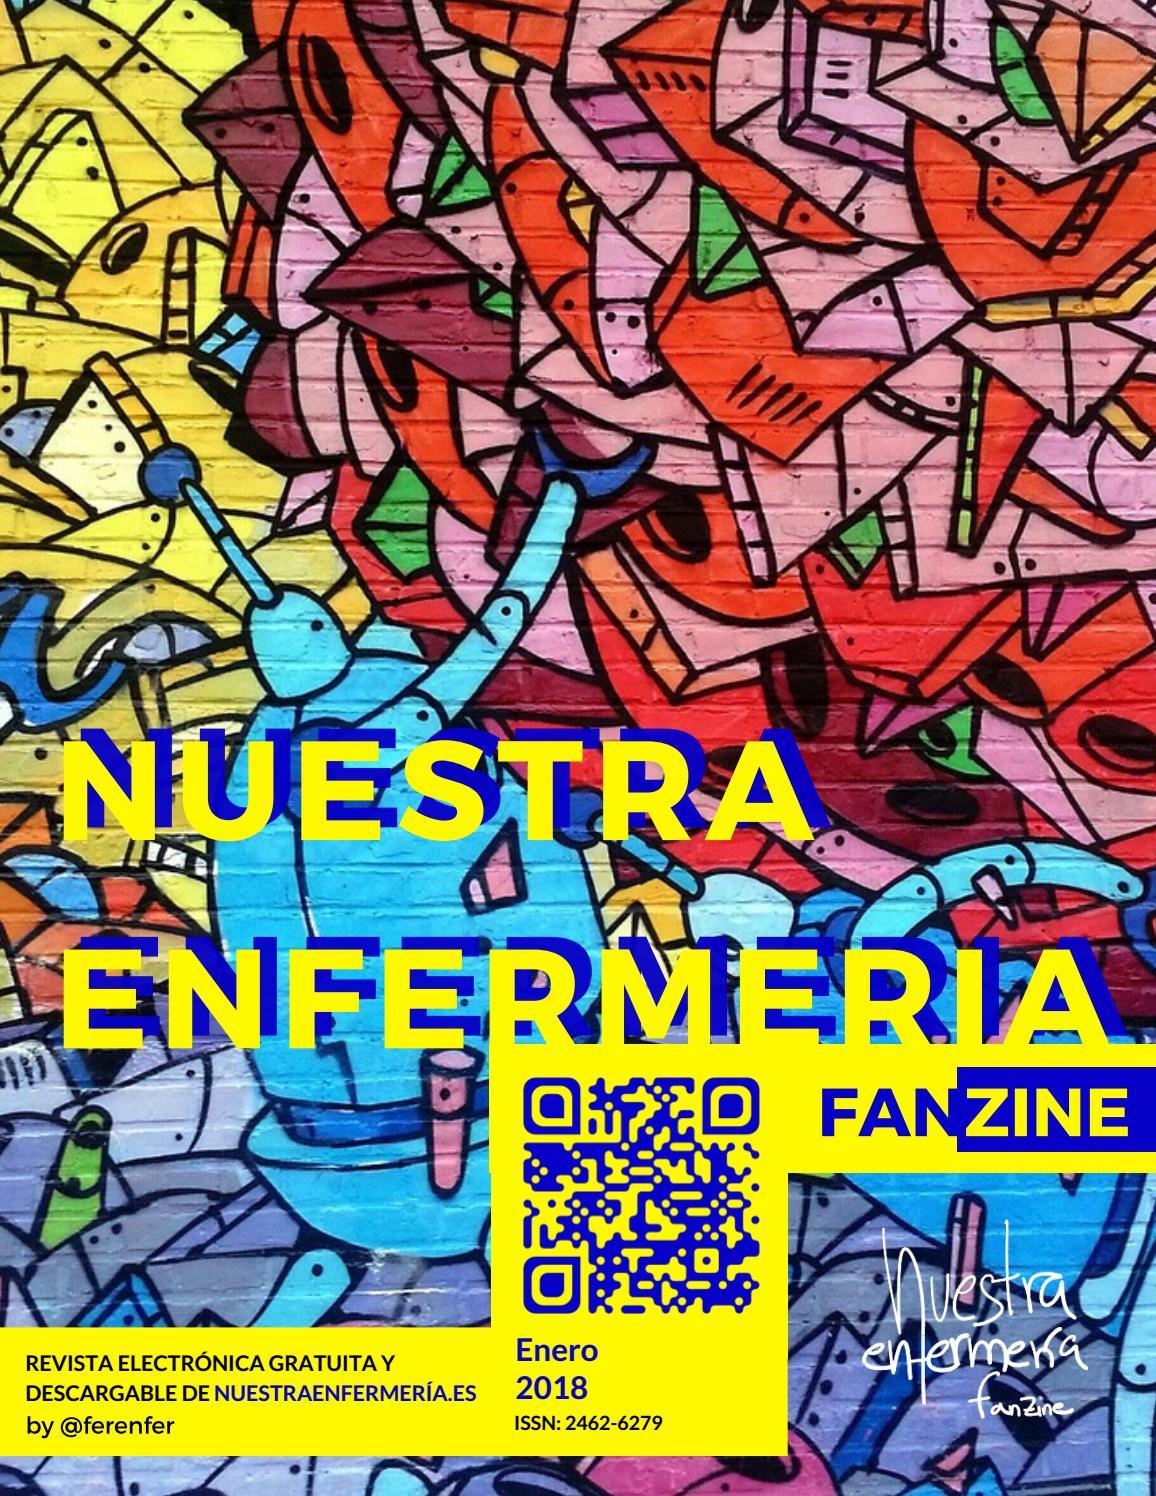 Fanzine Enfermería Enero 2018 by Nuestra Enfermería Fanzine - issuu